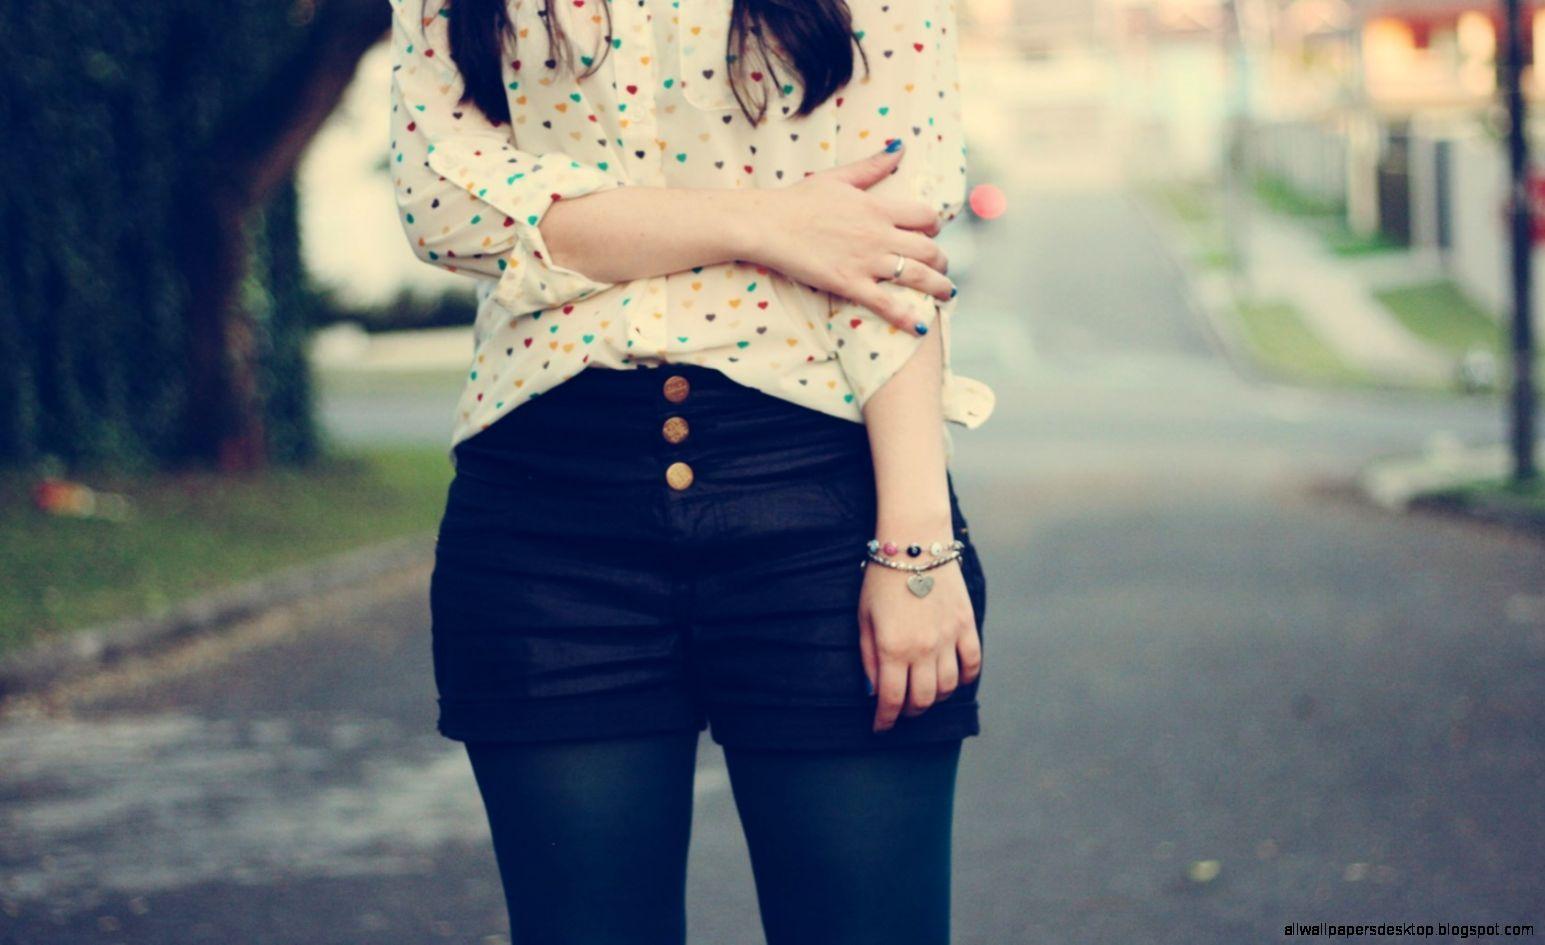 Girl Shorts Shirt Mood Photo HD Wallpaper   FreeWallsUp